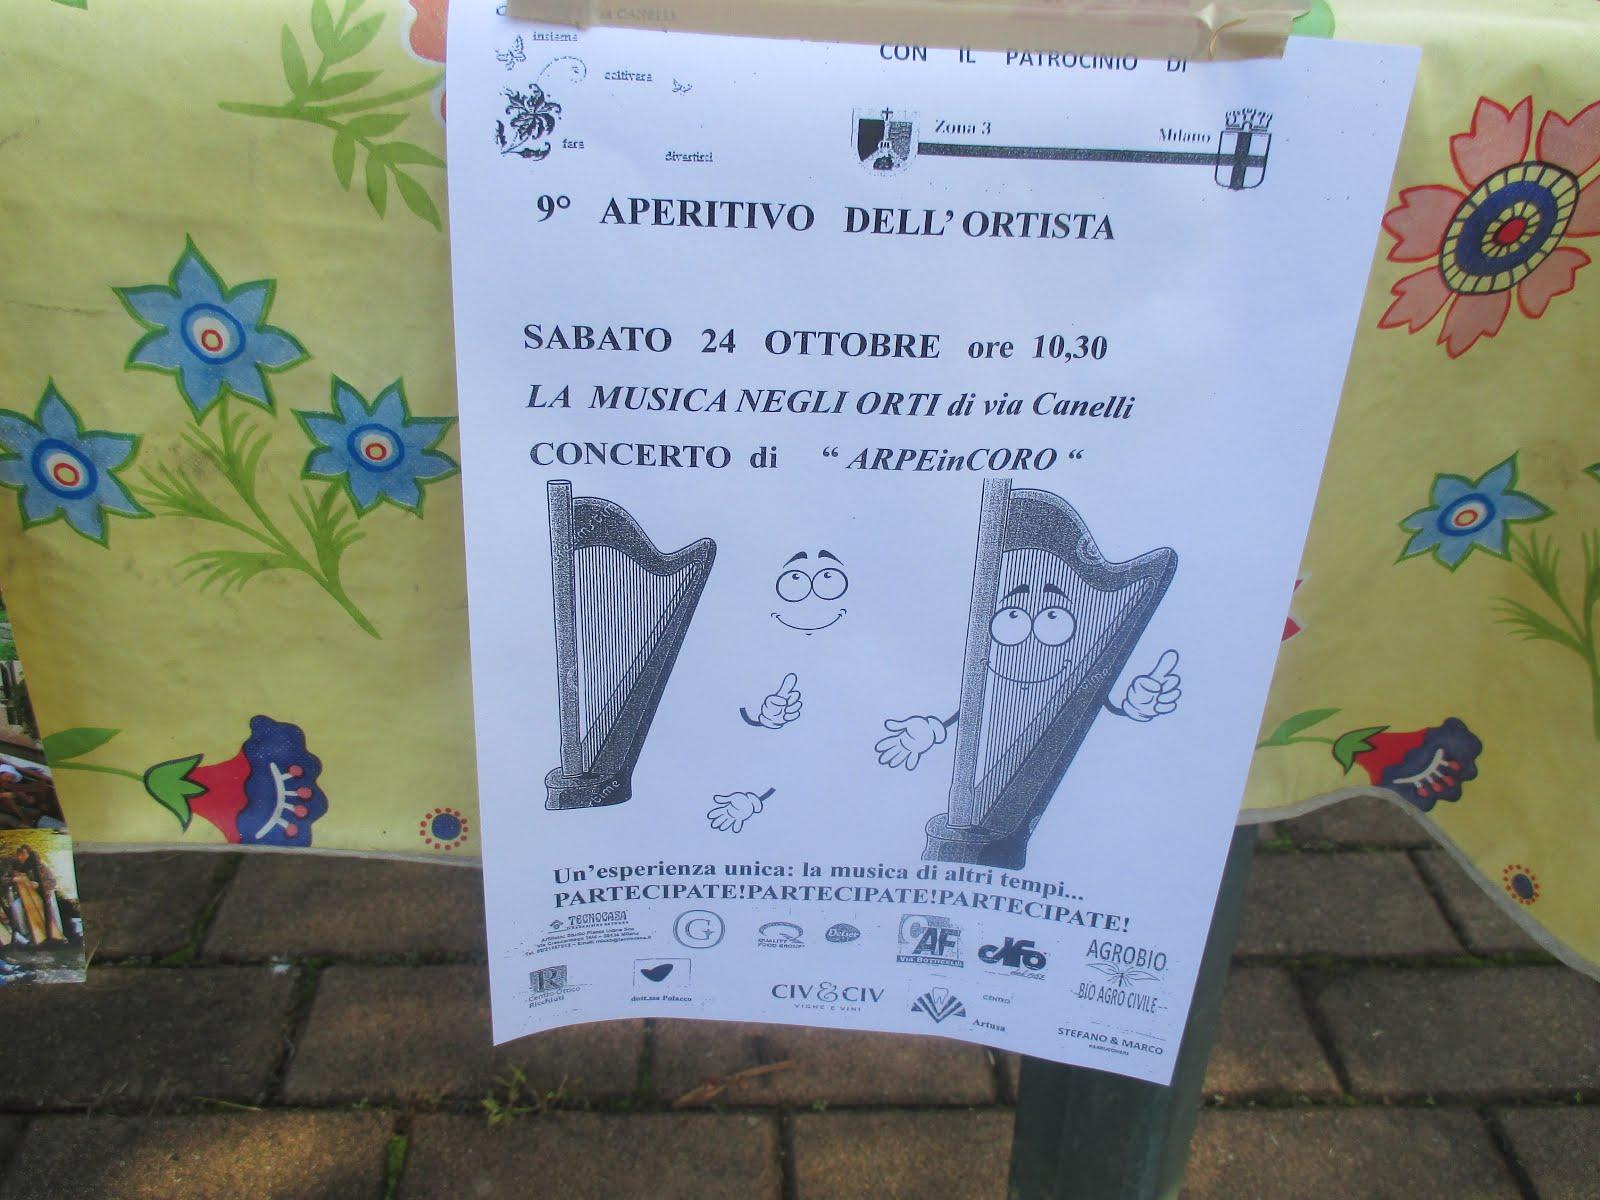 ORTI DI VIA CANELLI-APERITIVO DELL'ORTISTA